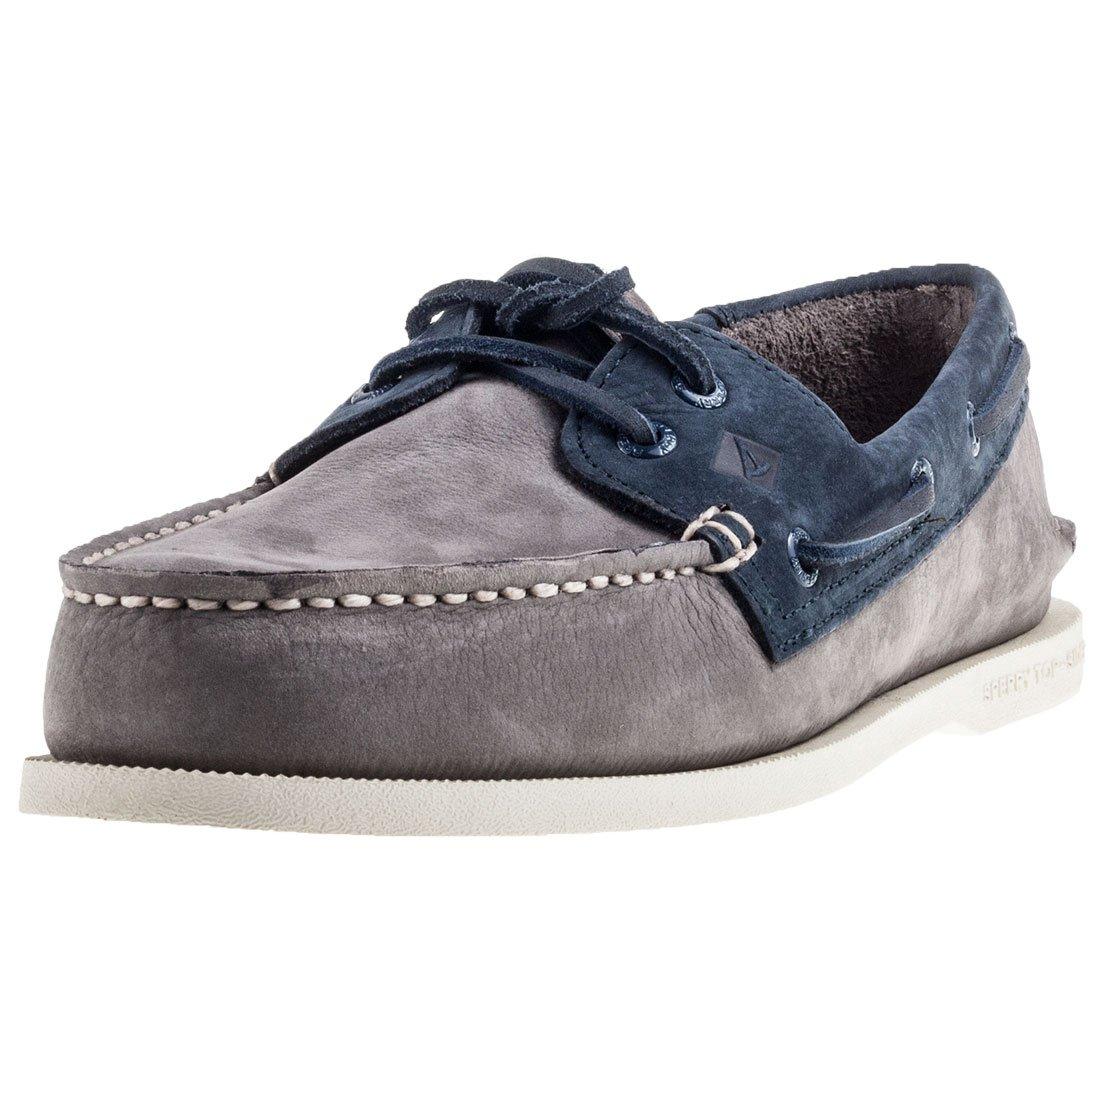 Sperry Top-Sider Hombre A/0 Zapatos de Barco de 2 Ojos, Gris